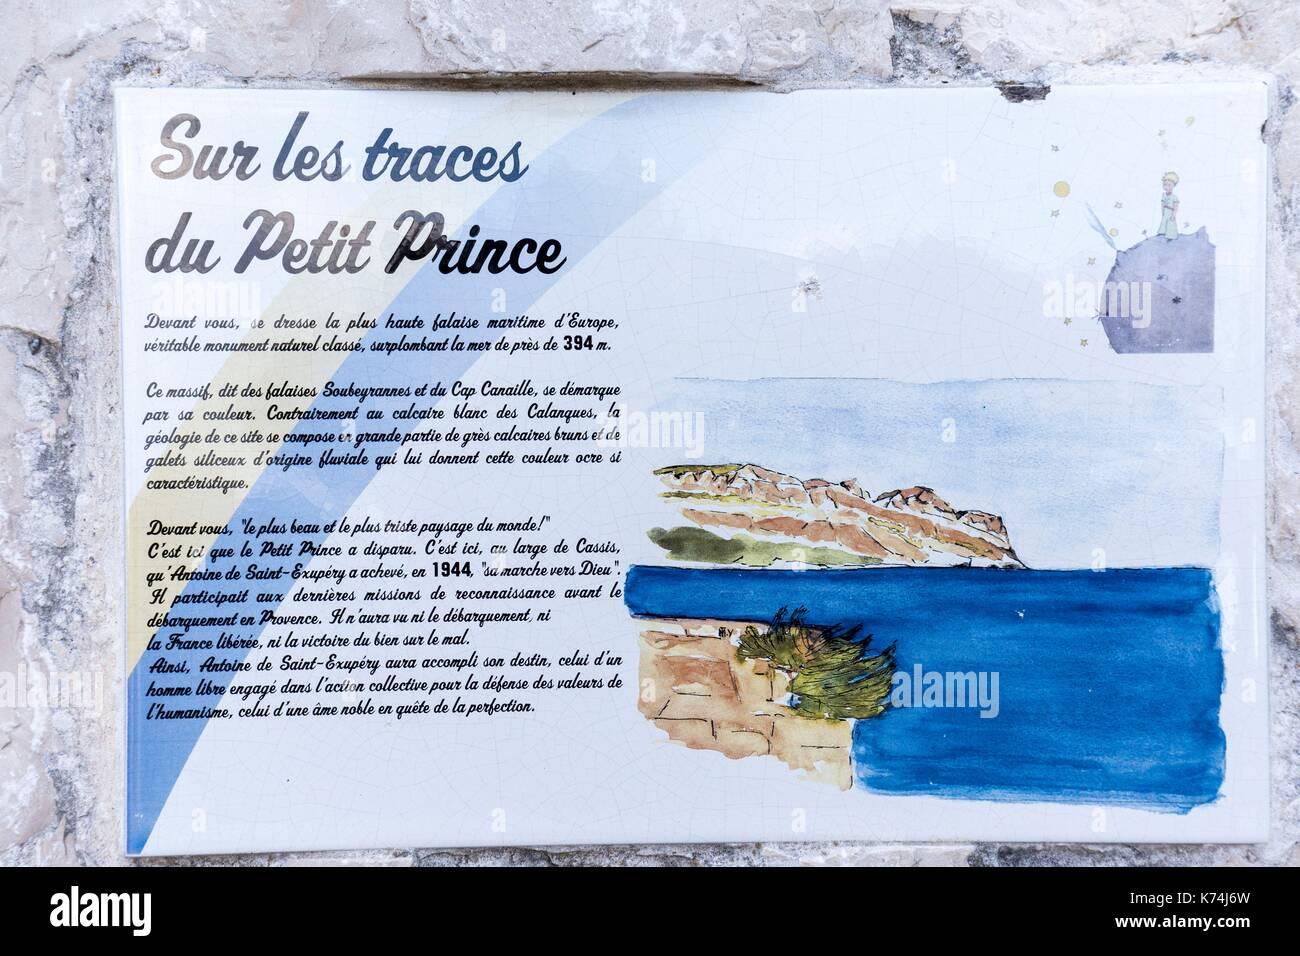 Antoine de saint exupery stock photos antoine de saint for Info regionale bouche du rhone